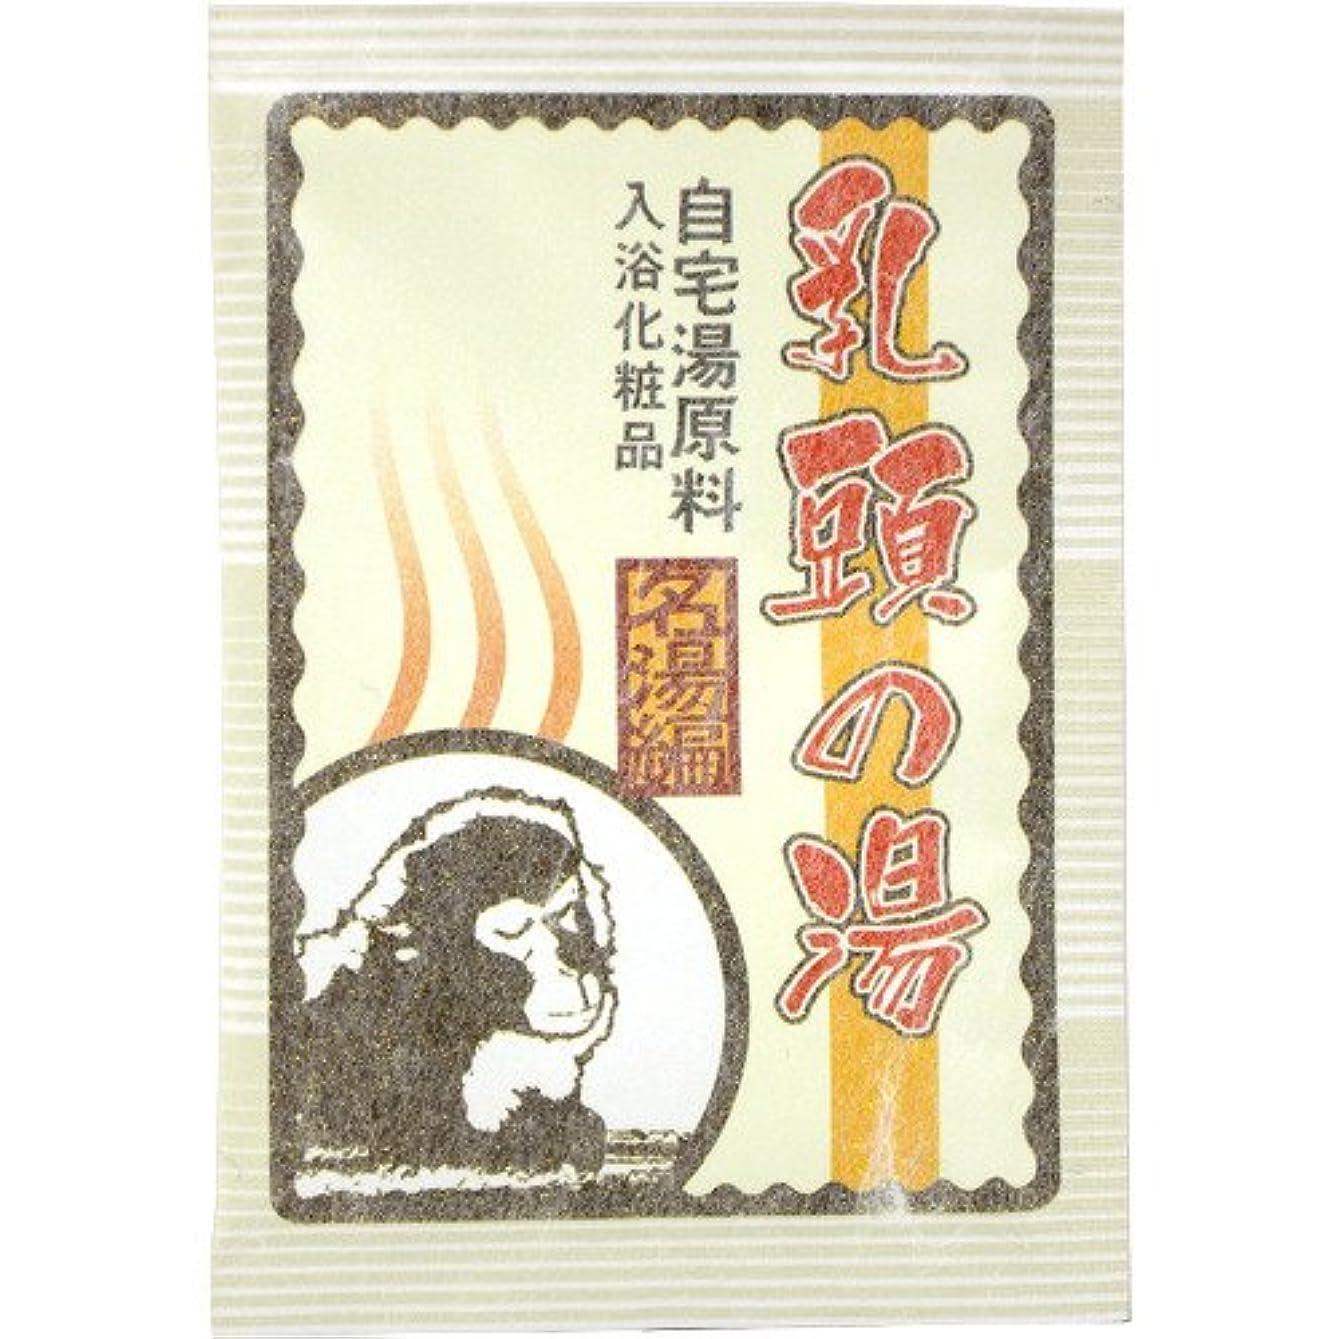 よりアプローチ努力する環境科学 自宅湯原料 名湯編 乳頭の湯 30g 4519445310200